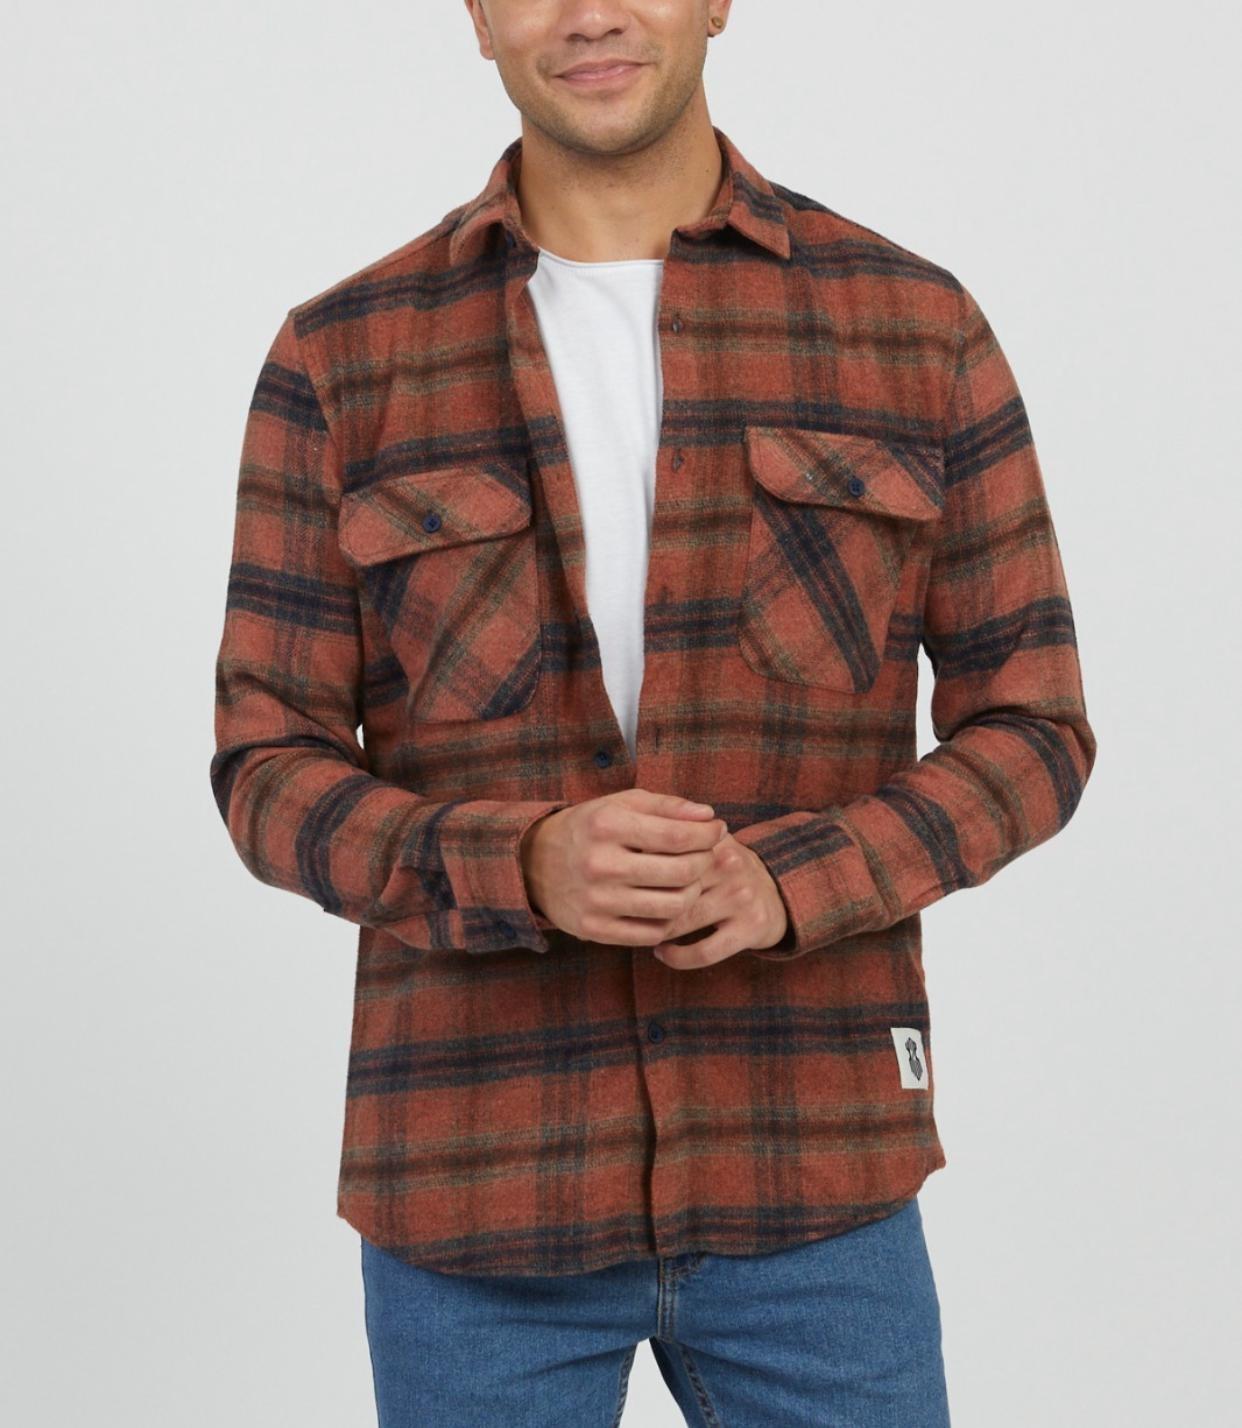 MYSTORE chemise charles brun-3